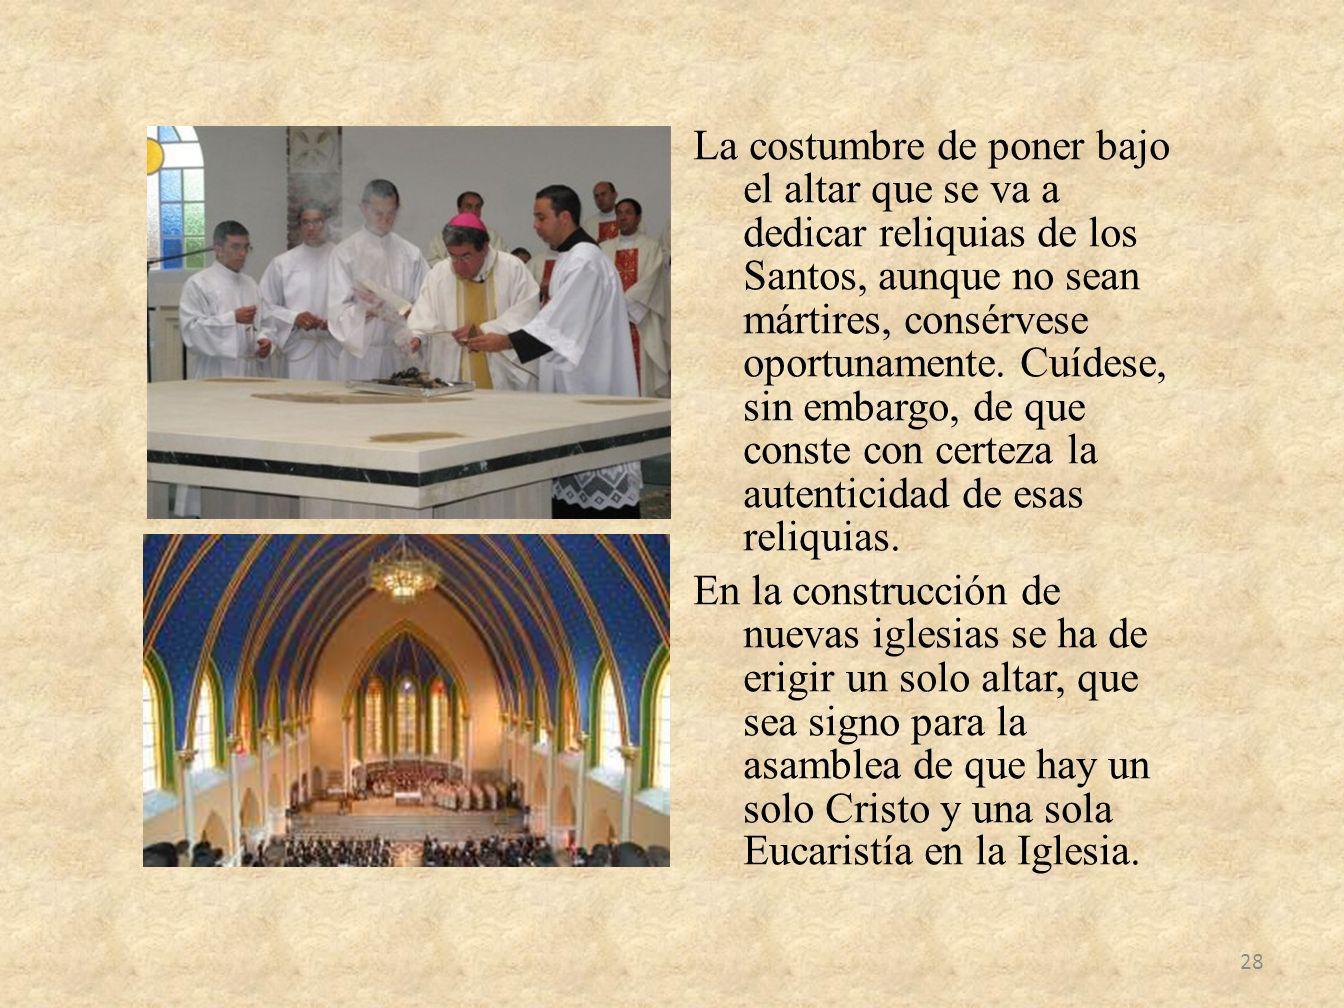 La costumbre de poner bajo el altar que se va a dedicar reliquias de los Santos, aunque no sean mártires, consérvese oportunamente.